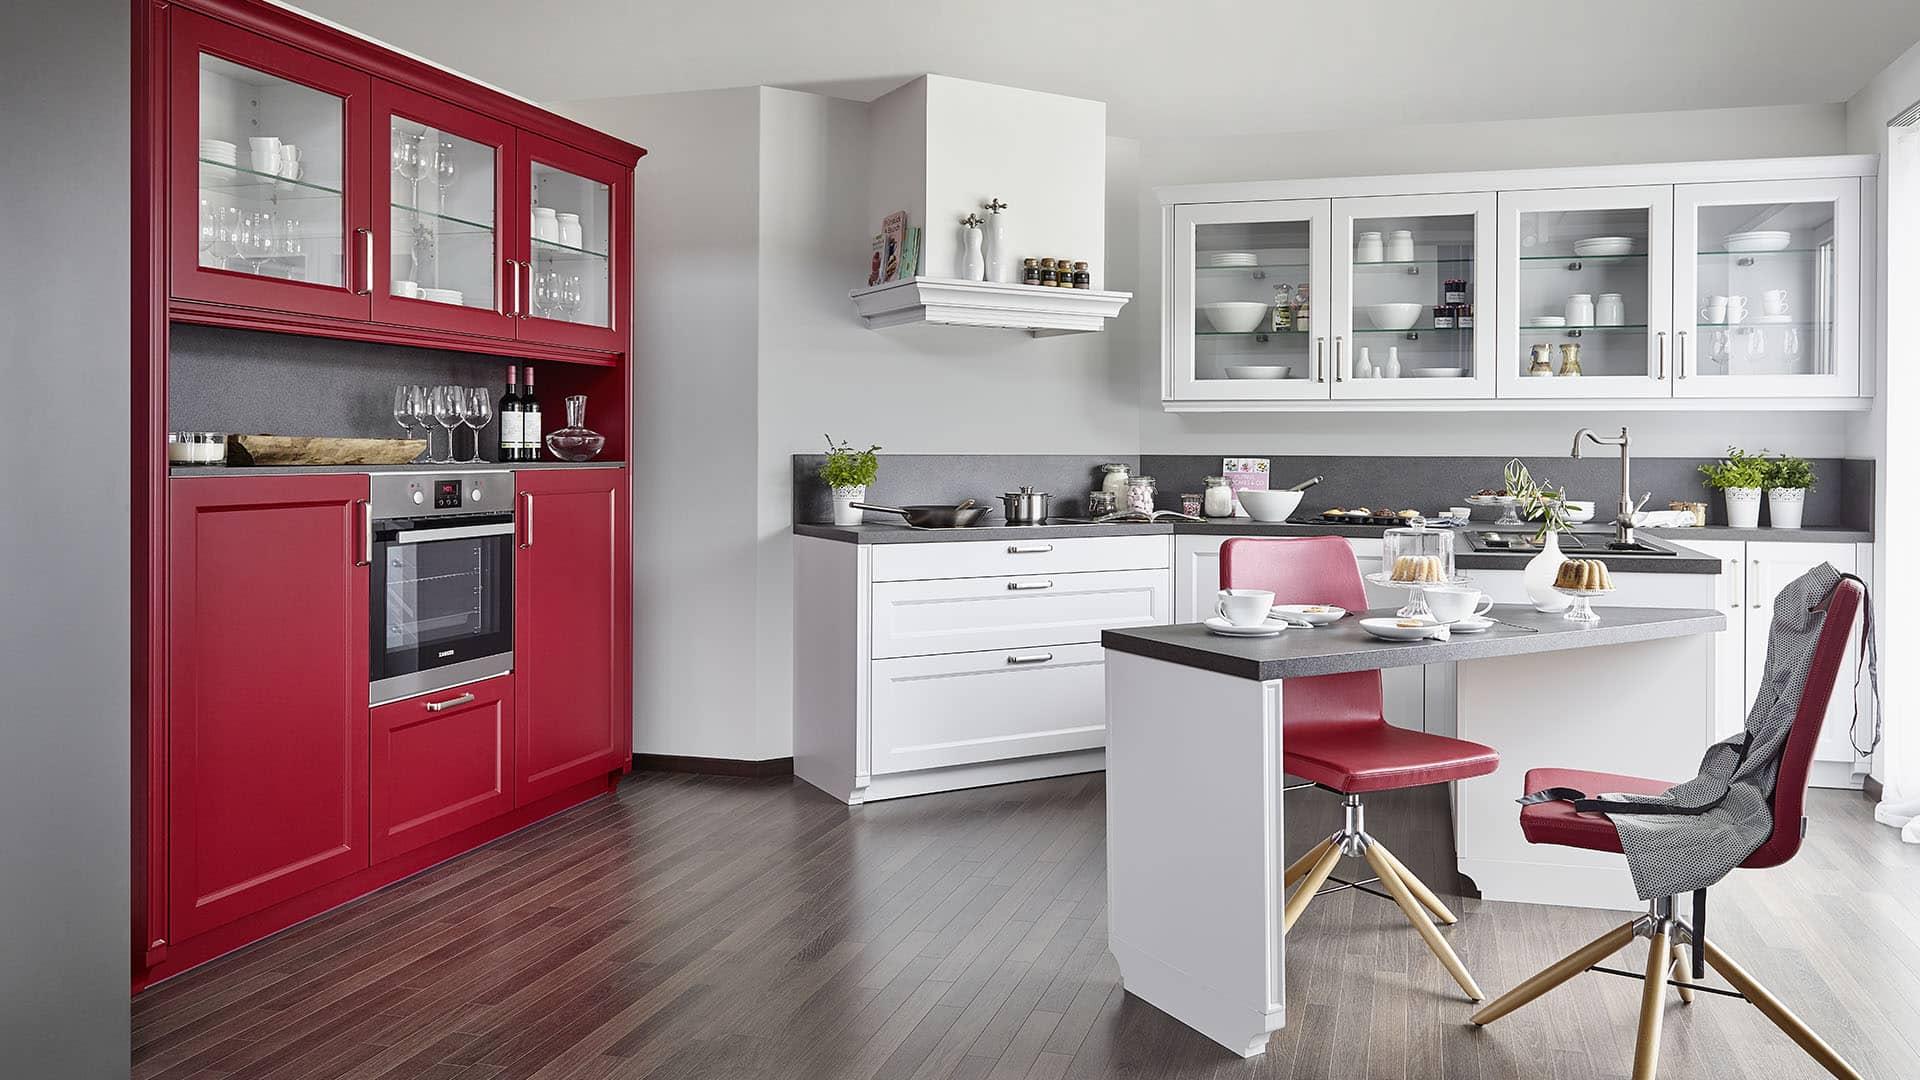 Gijsberts Apeldoorn Badkamers : Keukens badkamers en vloeren: inspiratie koopman keuken design